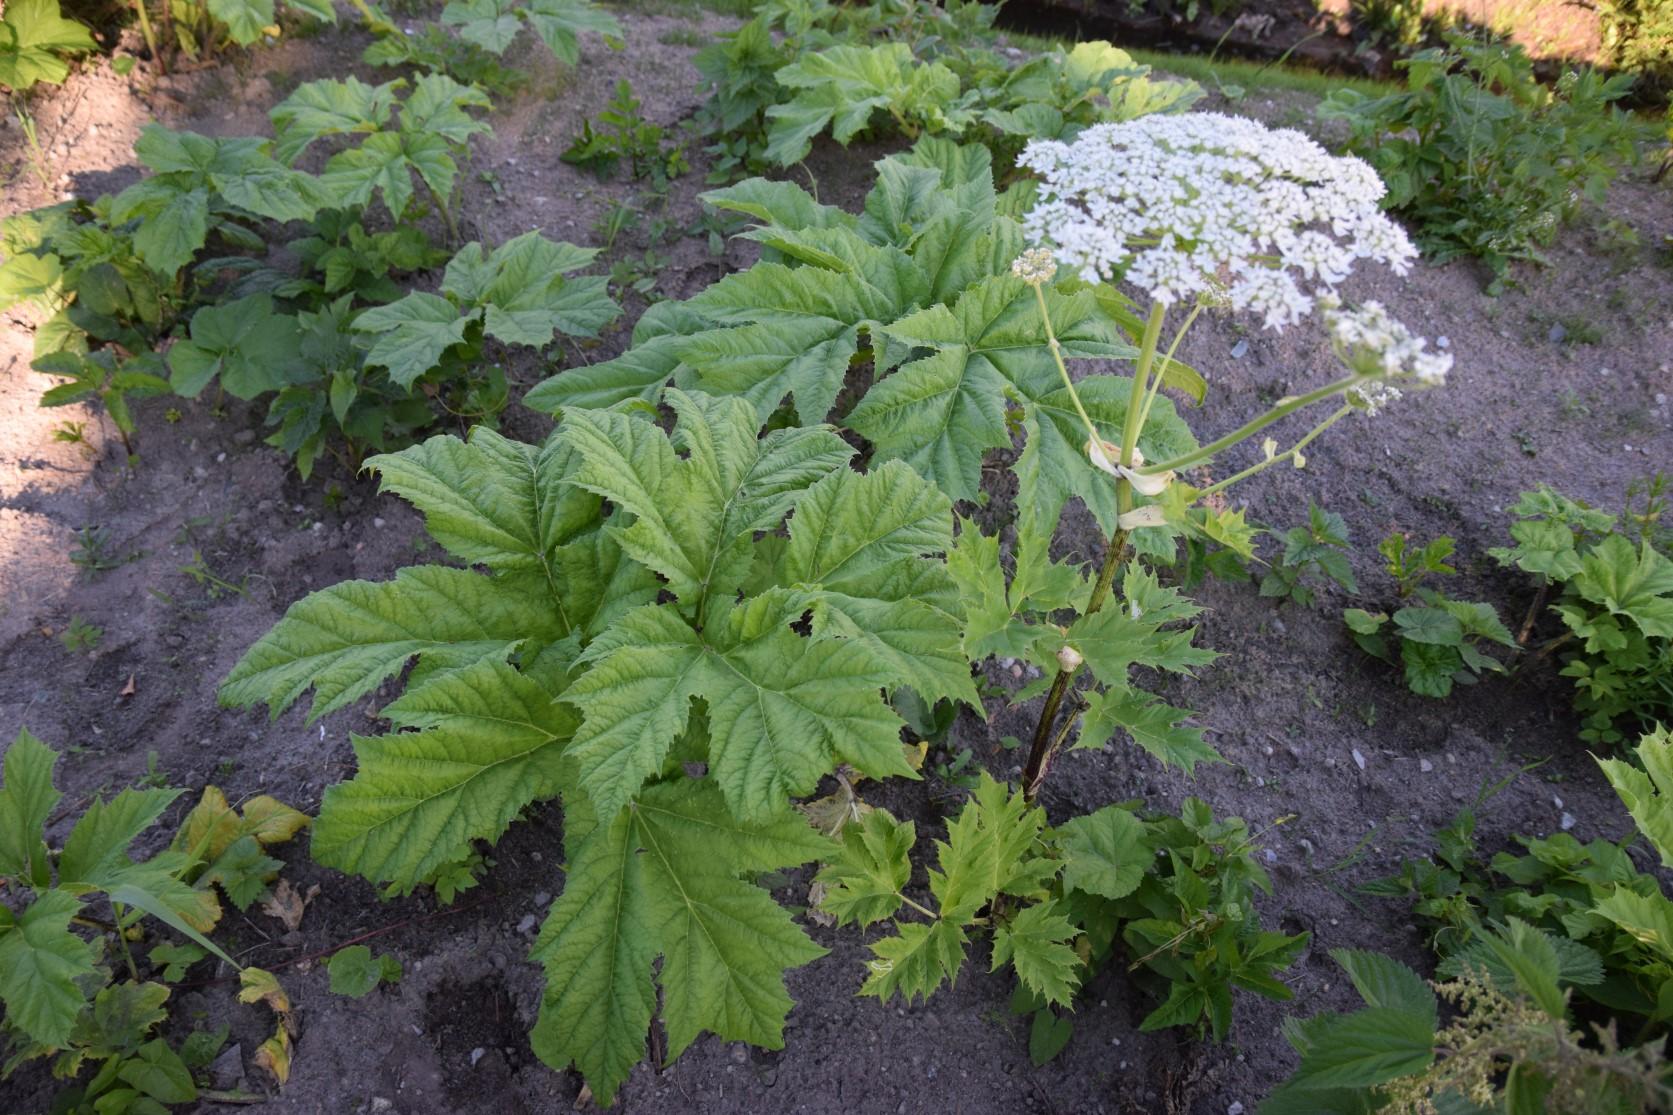 Sosnovski karuputk tõrjub teised taimed välja. Pildistas Katrin Jõgisaar, Bioneer.ee